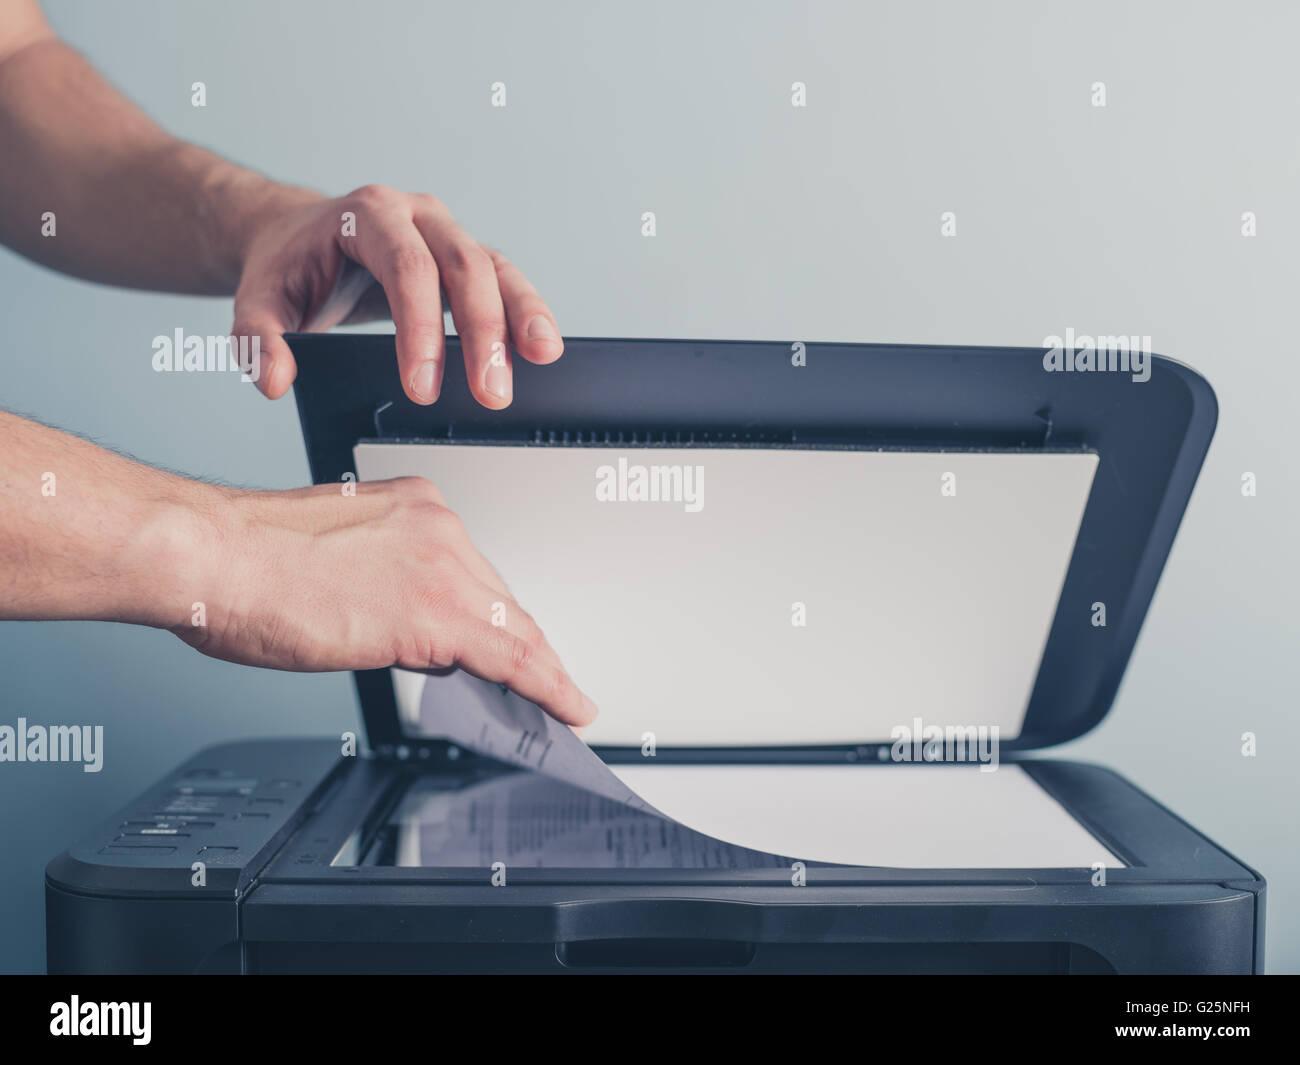 Las manos de un joven está colocando un trozo de papel en el escáner de superficie plana en preparación Imagen De Stock